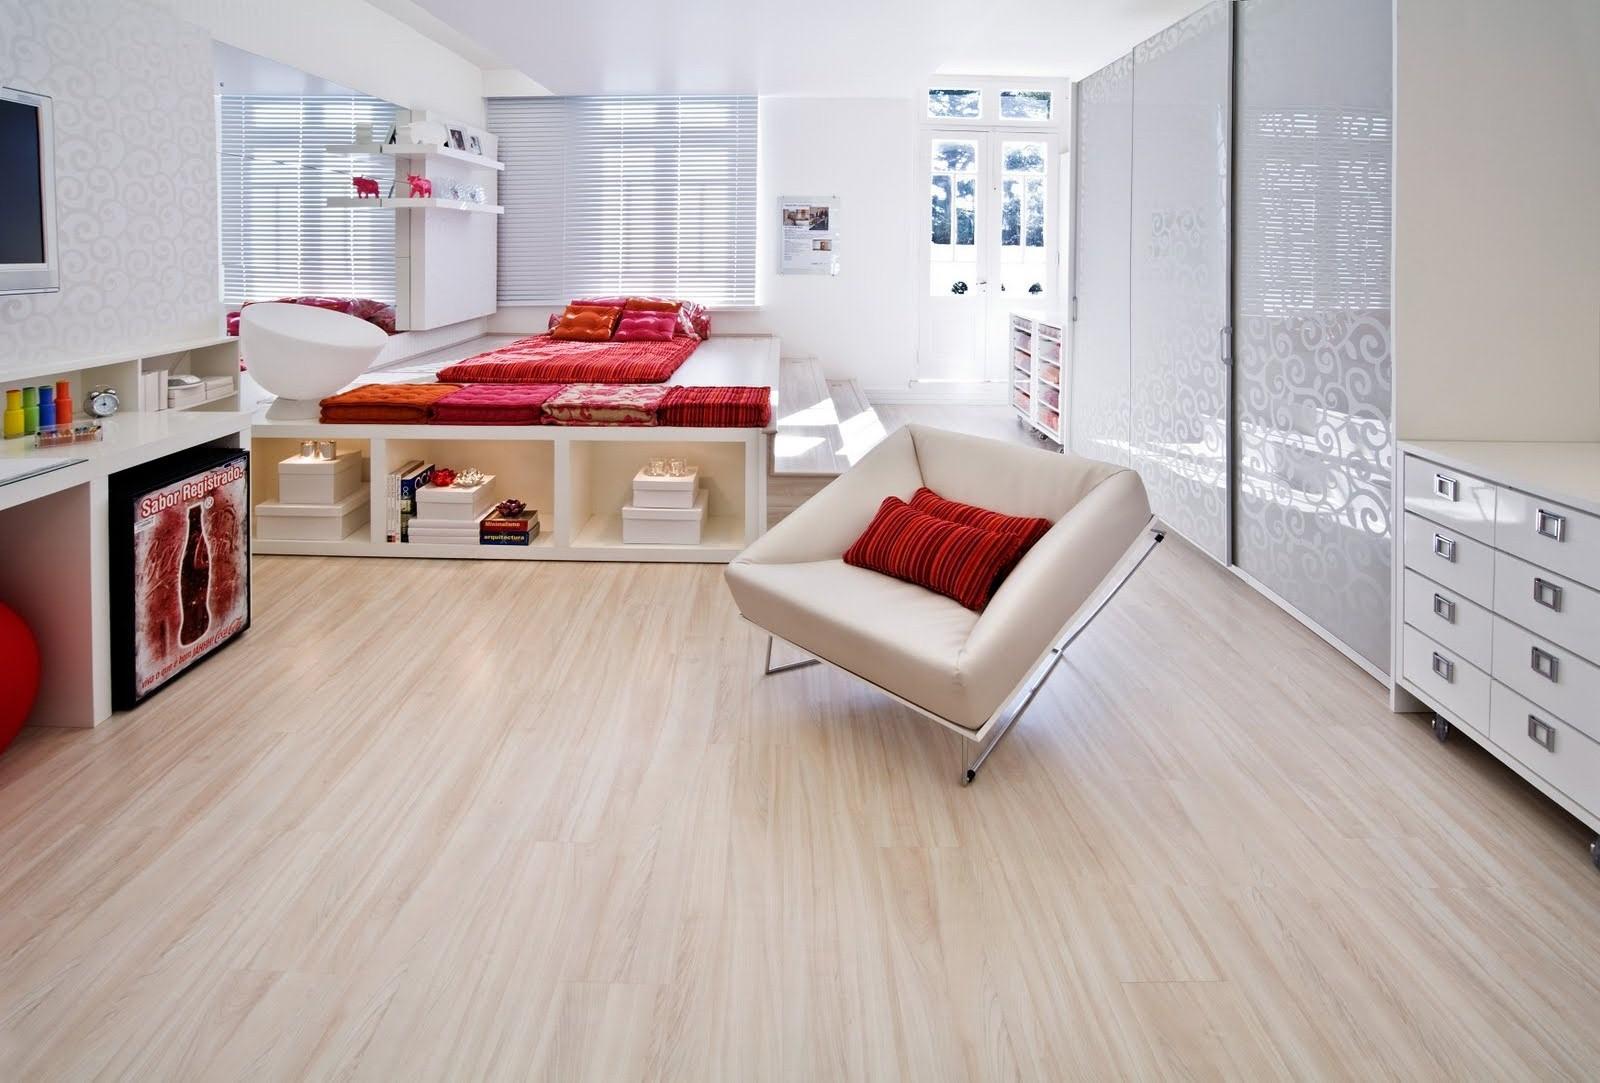 Pisos que imitam madeira 60 fotos e ideias for Pisos para apartamentos pequenos